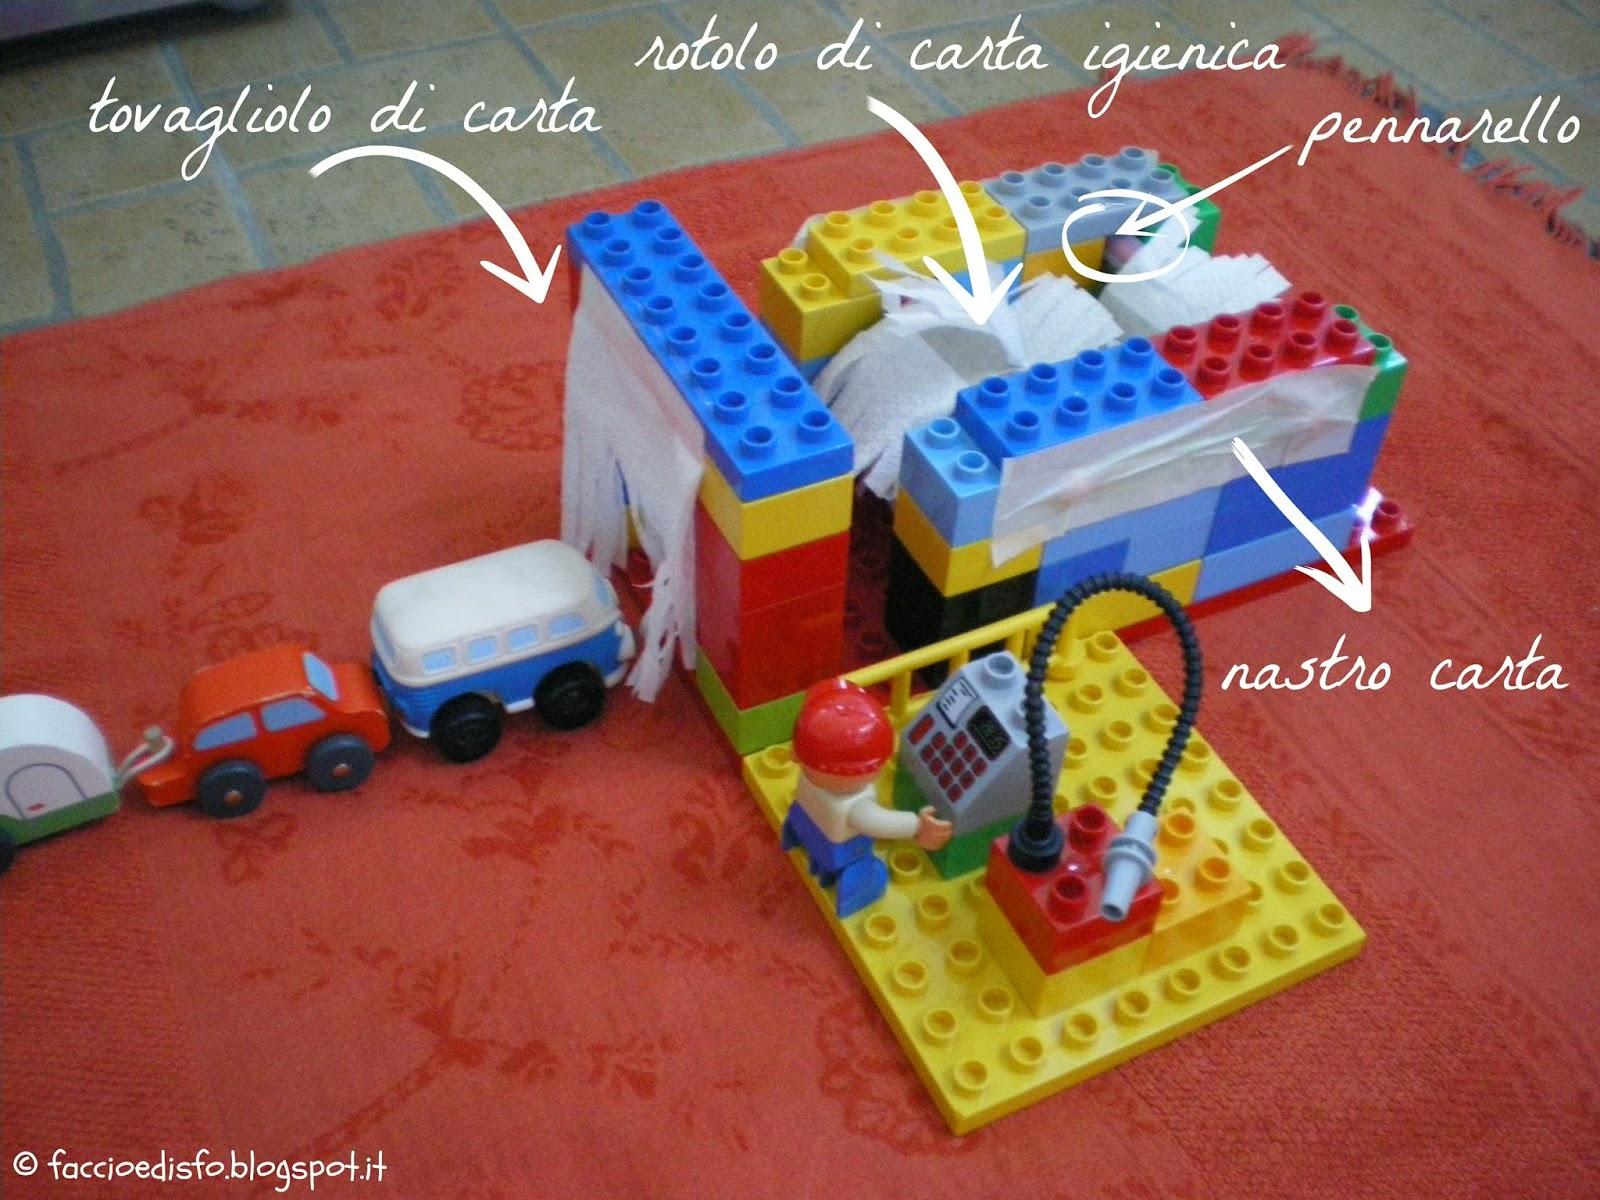 Autolavaggio fai da te elogio al padre crafter myselfie cottage - Tovaglioli di carta decorati ...